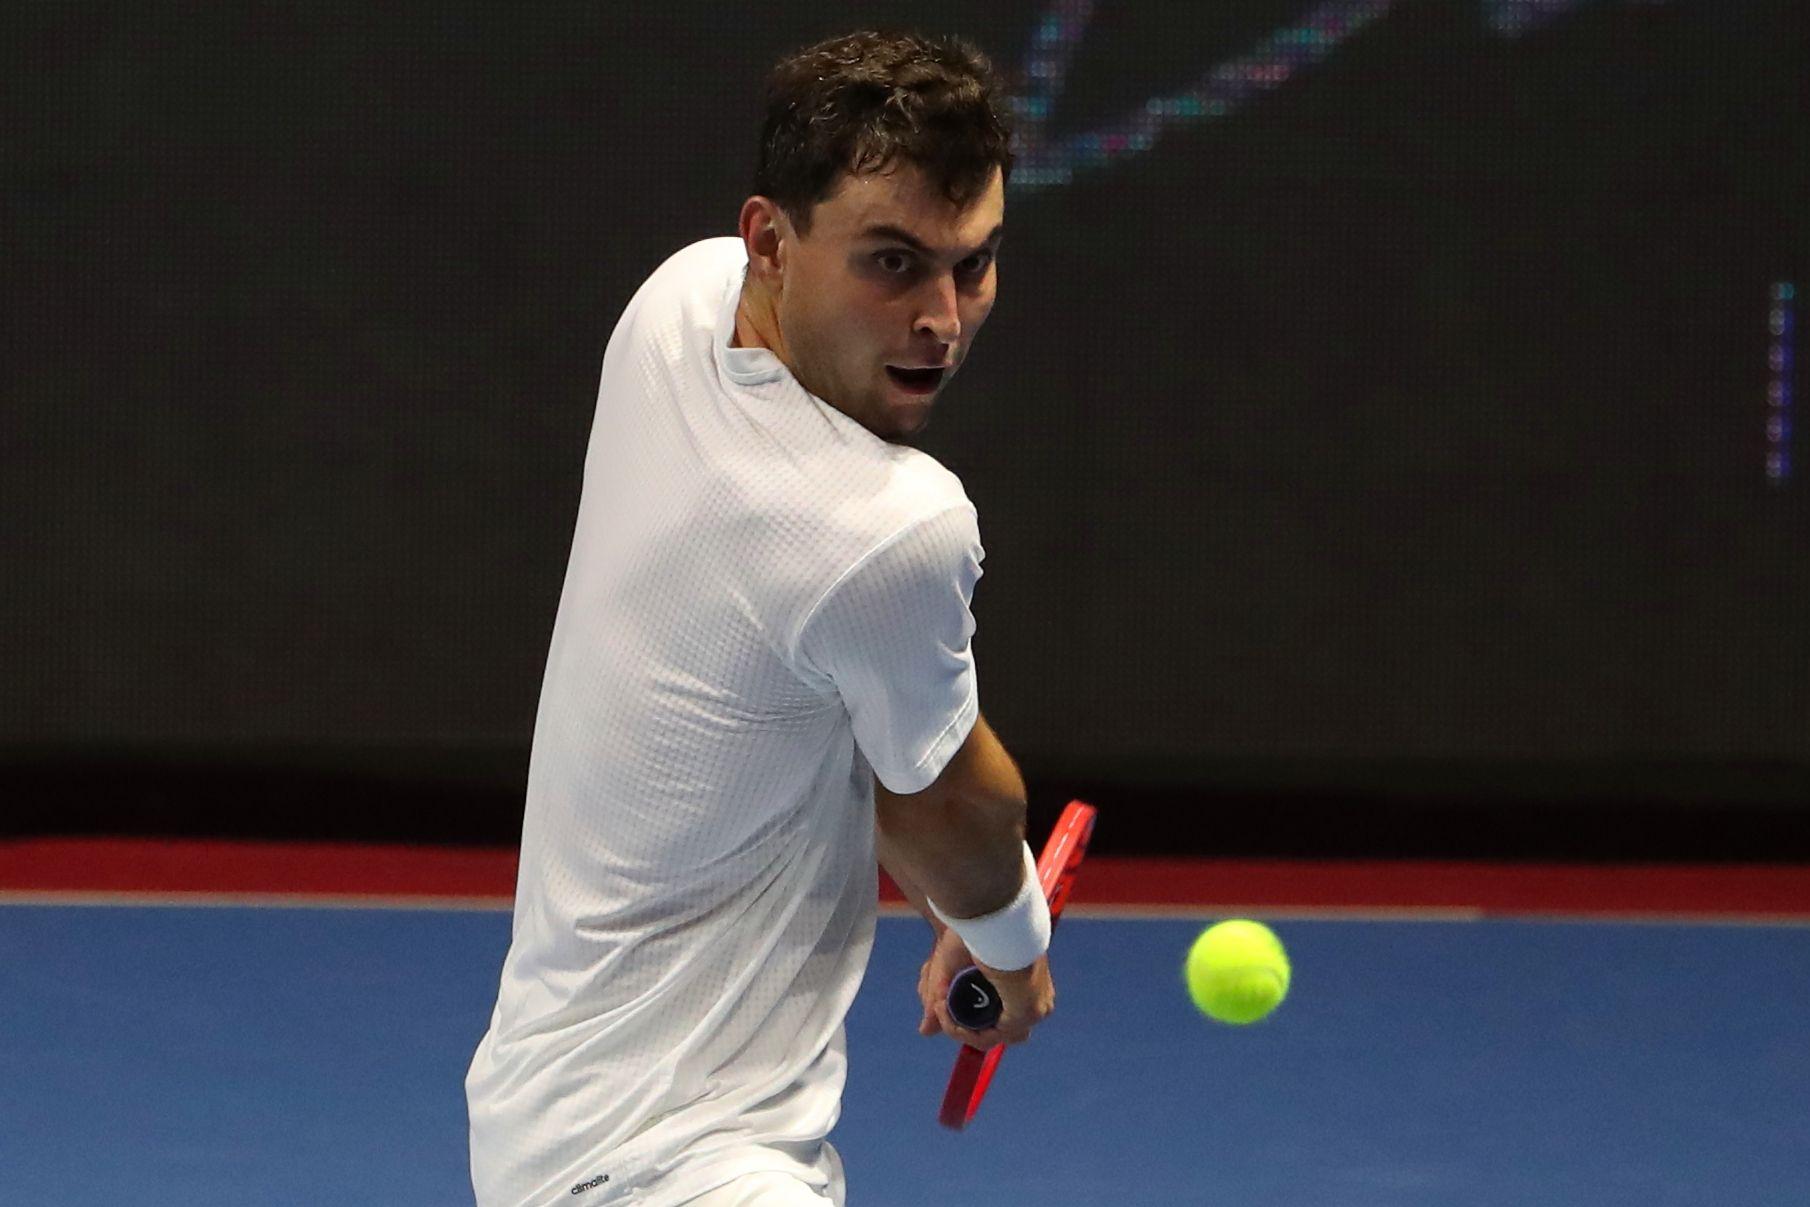 Итоги Australian Open: сенсации, разочарования и лучшие матчи турнира